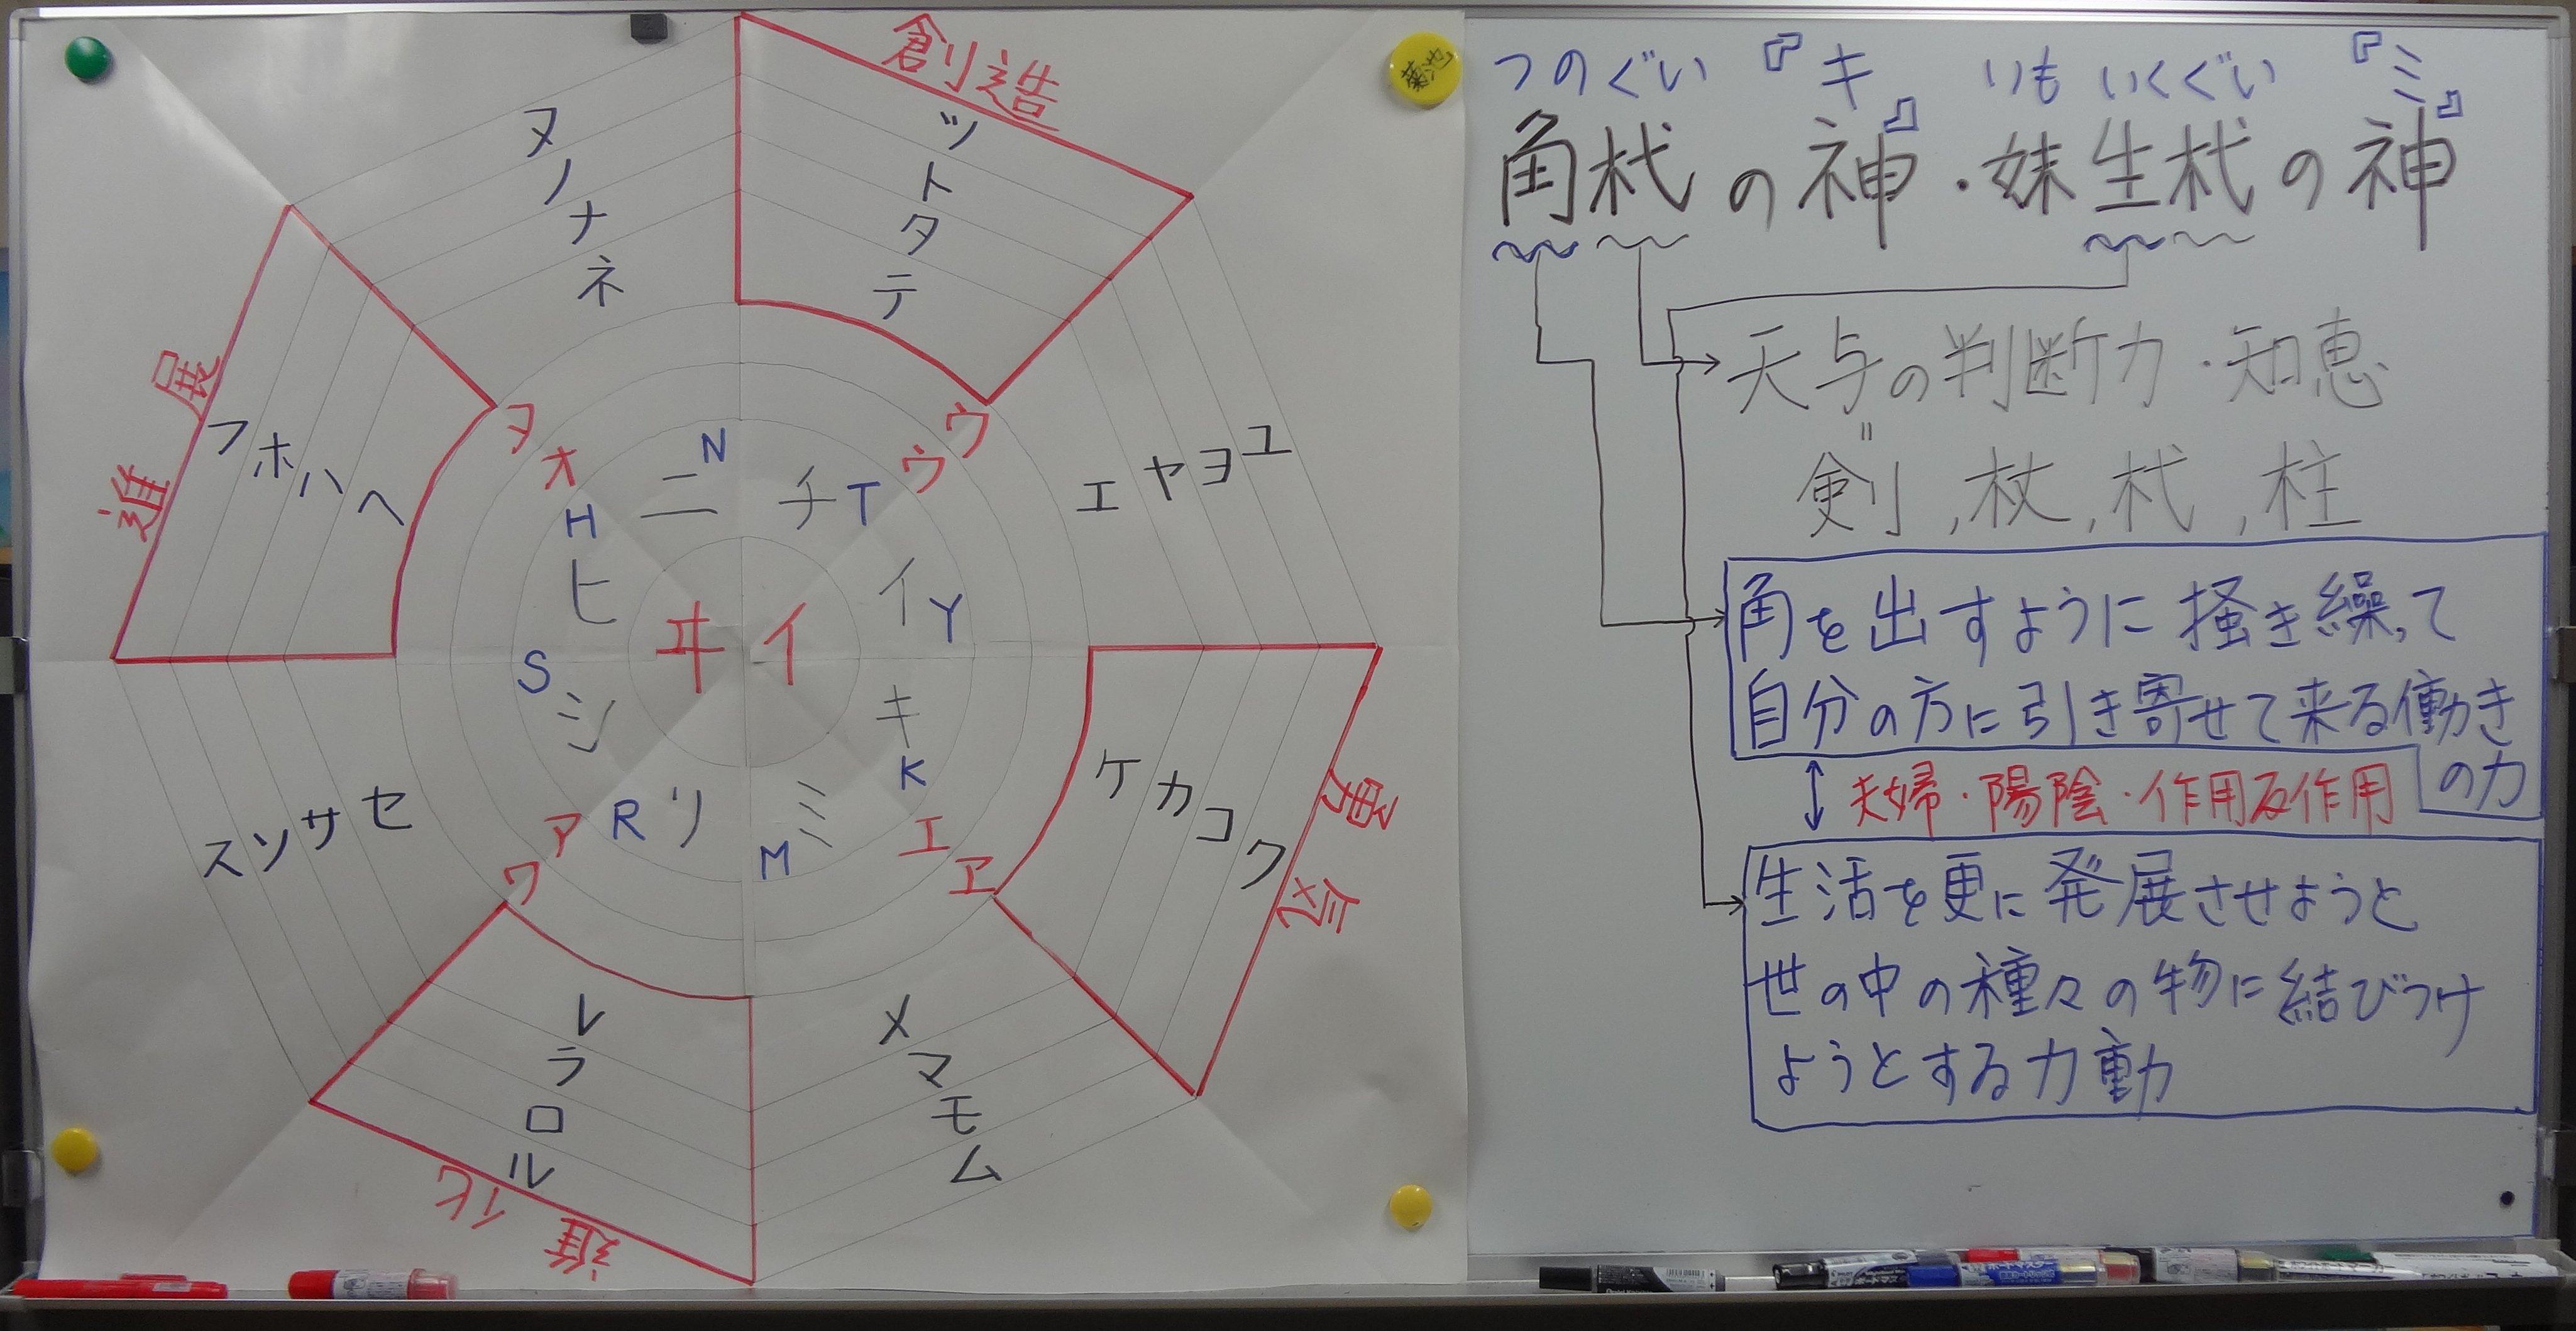 http://www.g-labo.co.jp/document/17th_board.jpg